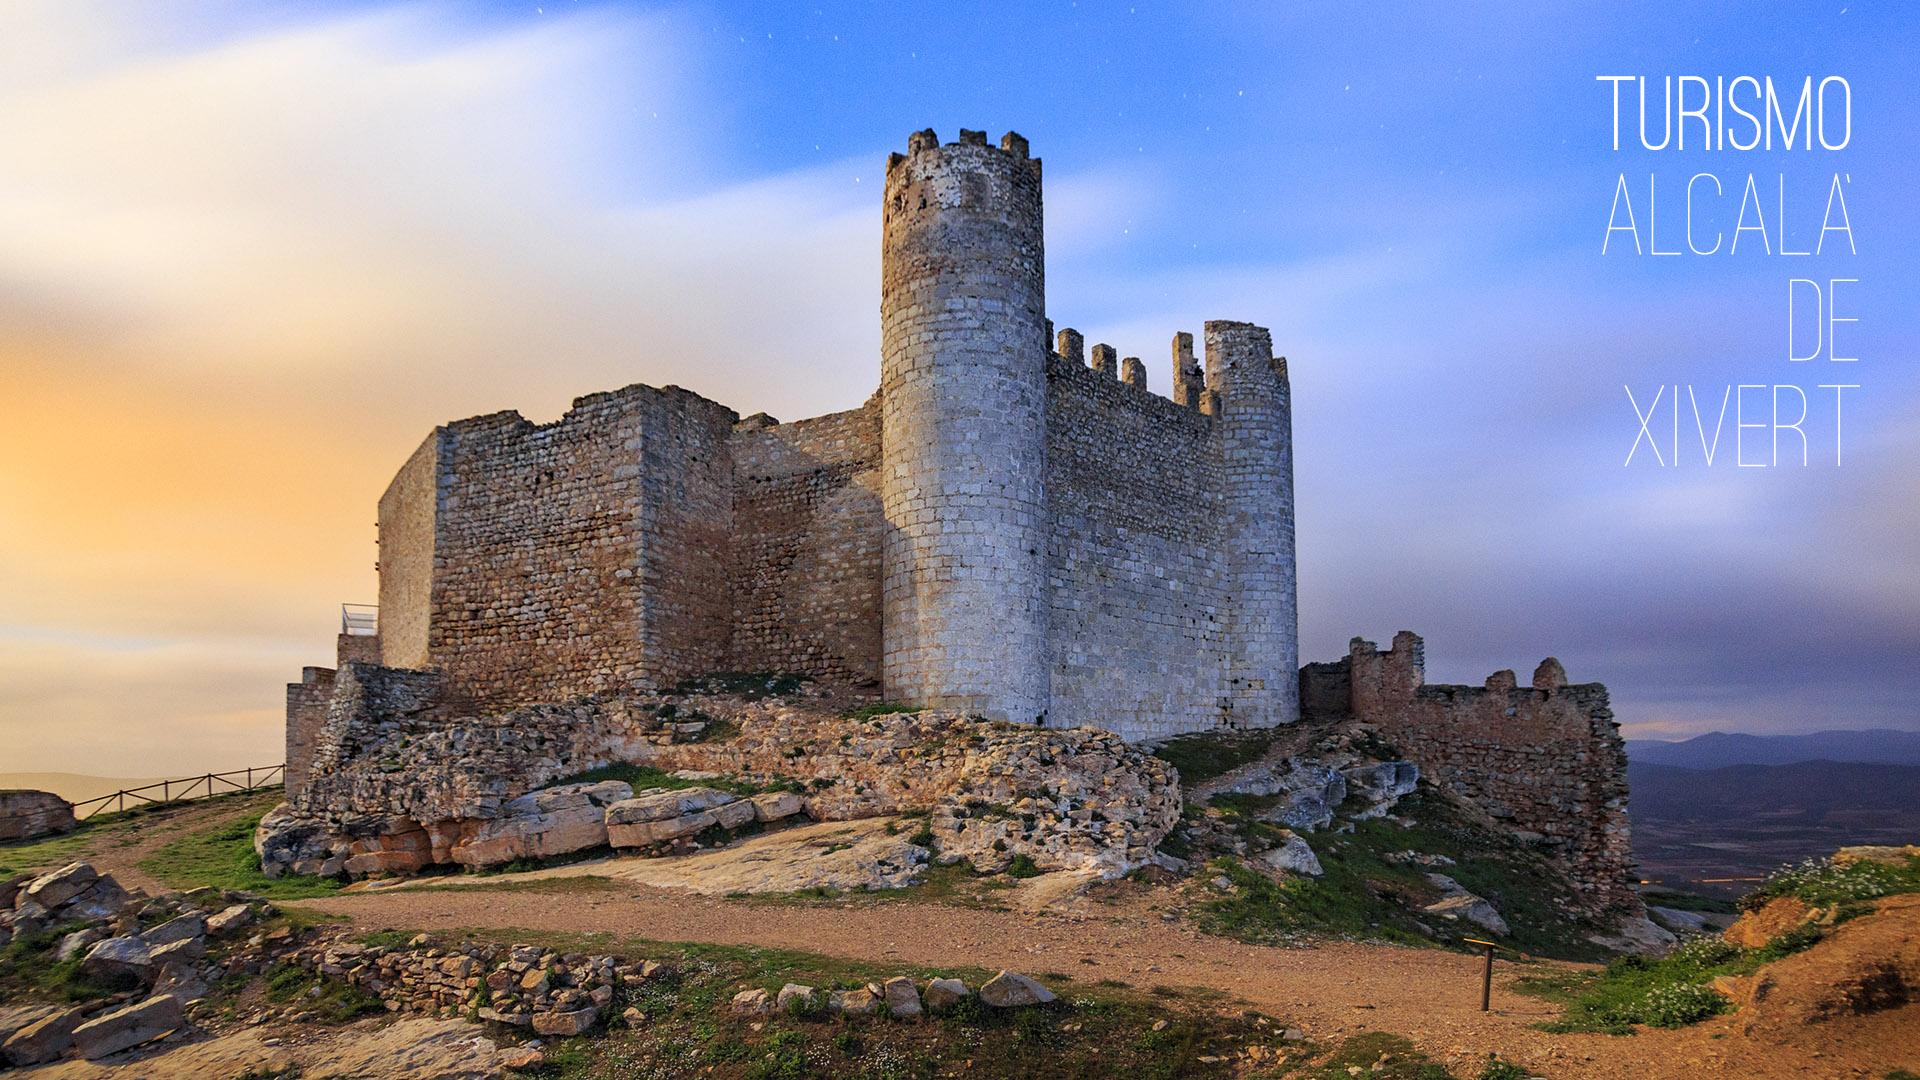 Resultado de imagen de alcalá de xivert castellón